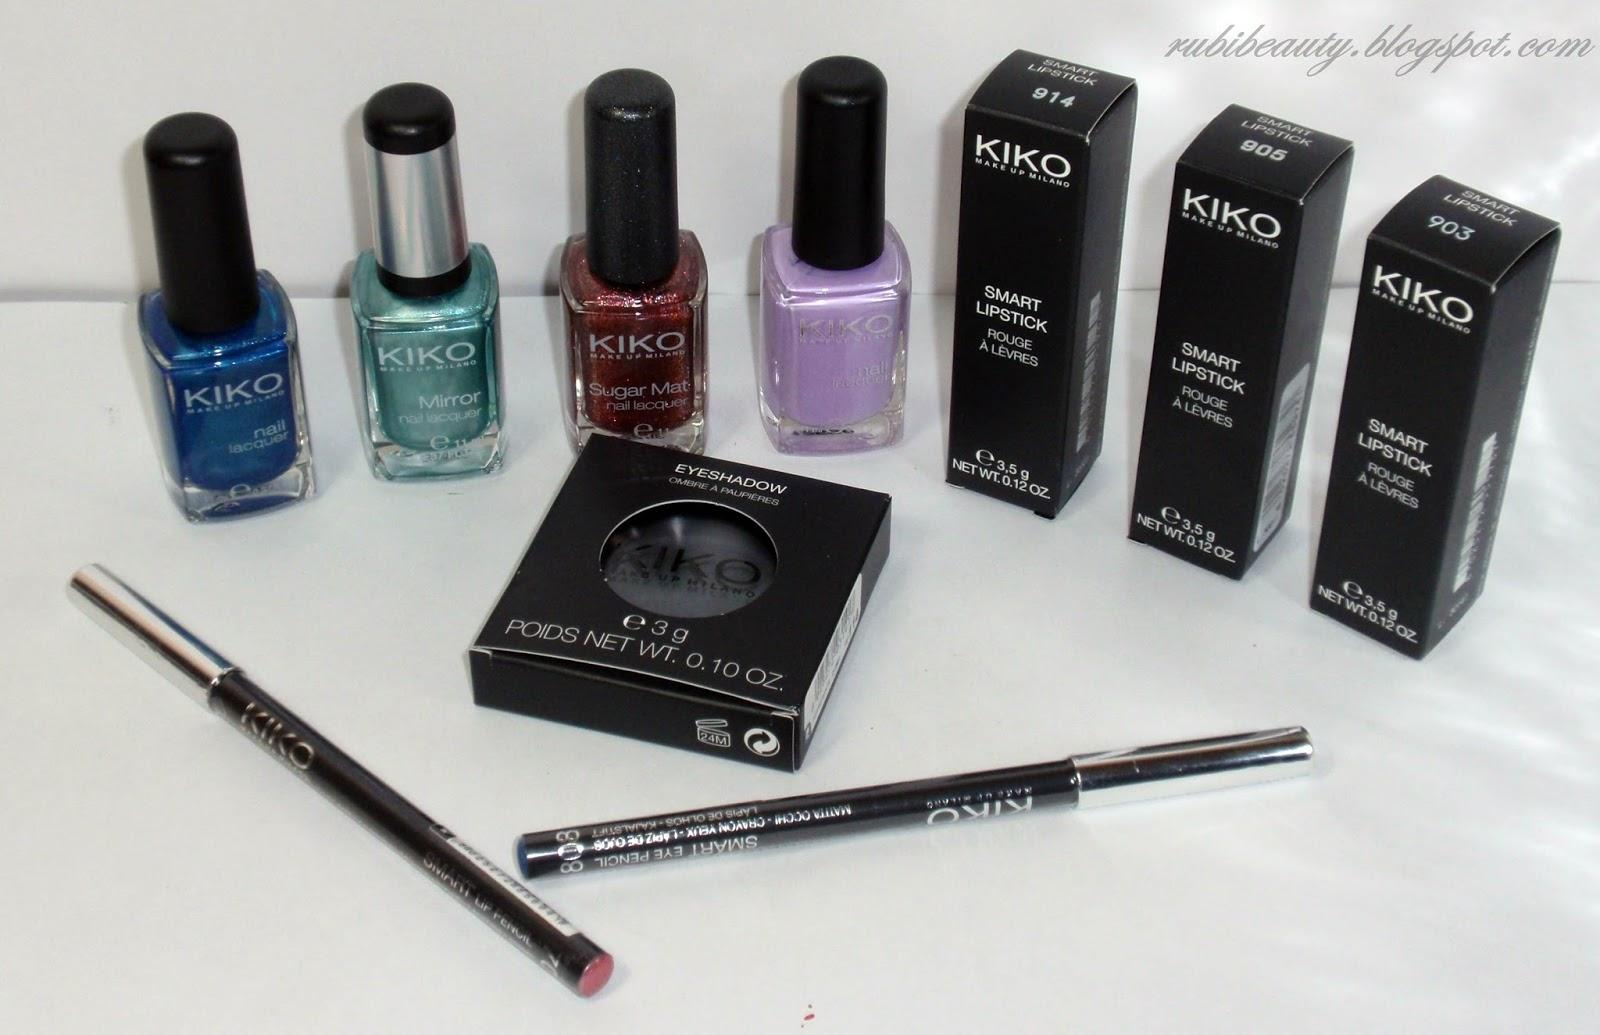 Rubibeauty haul rebajas kiko cosmetics - Pintaunas kiko efecto espejo ...